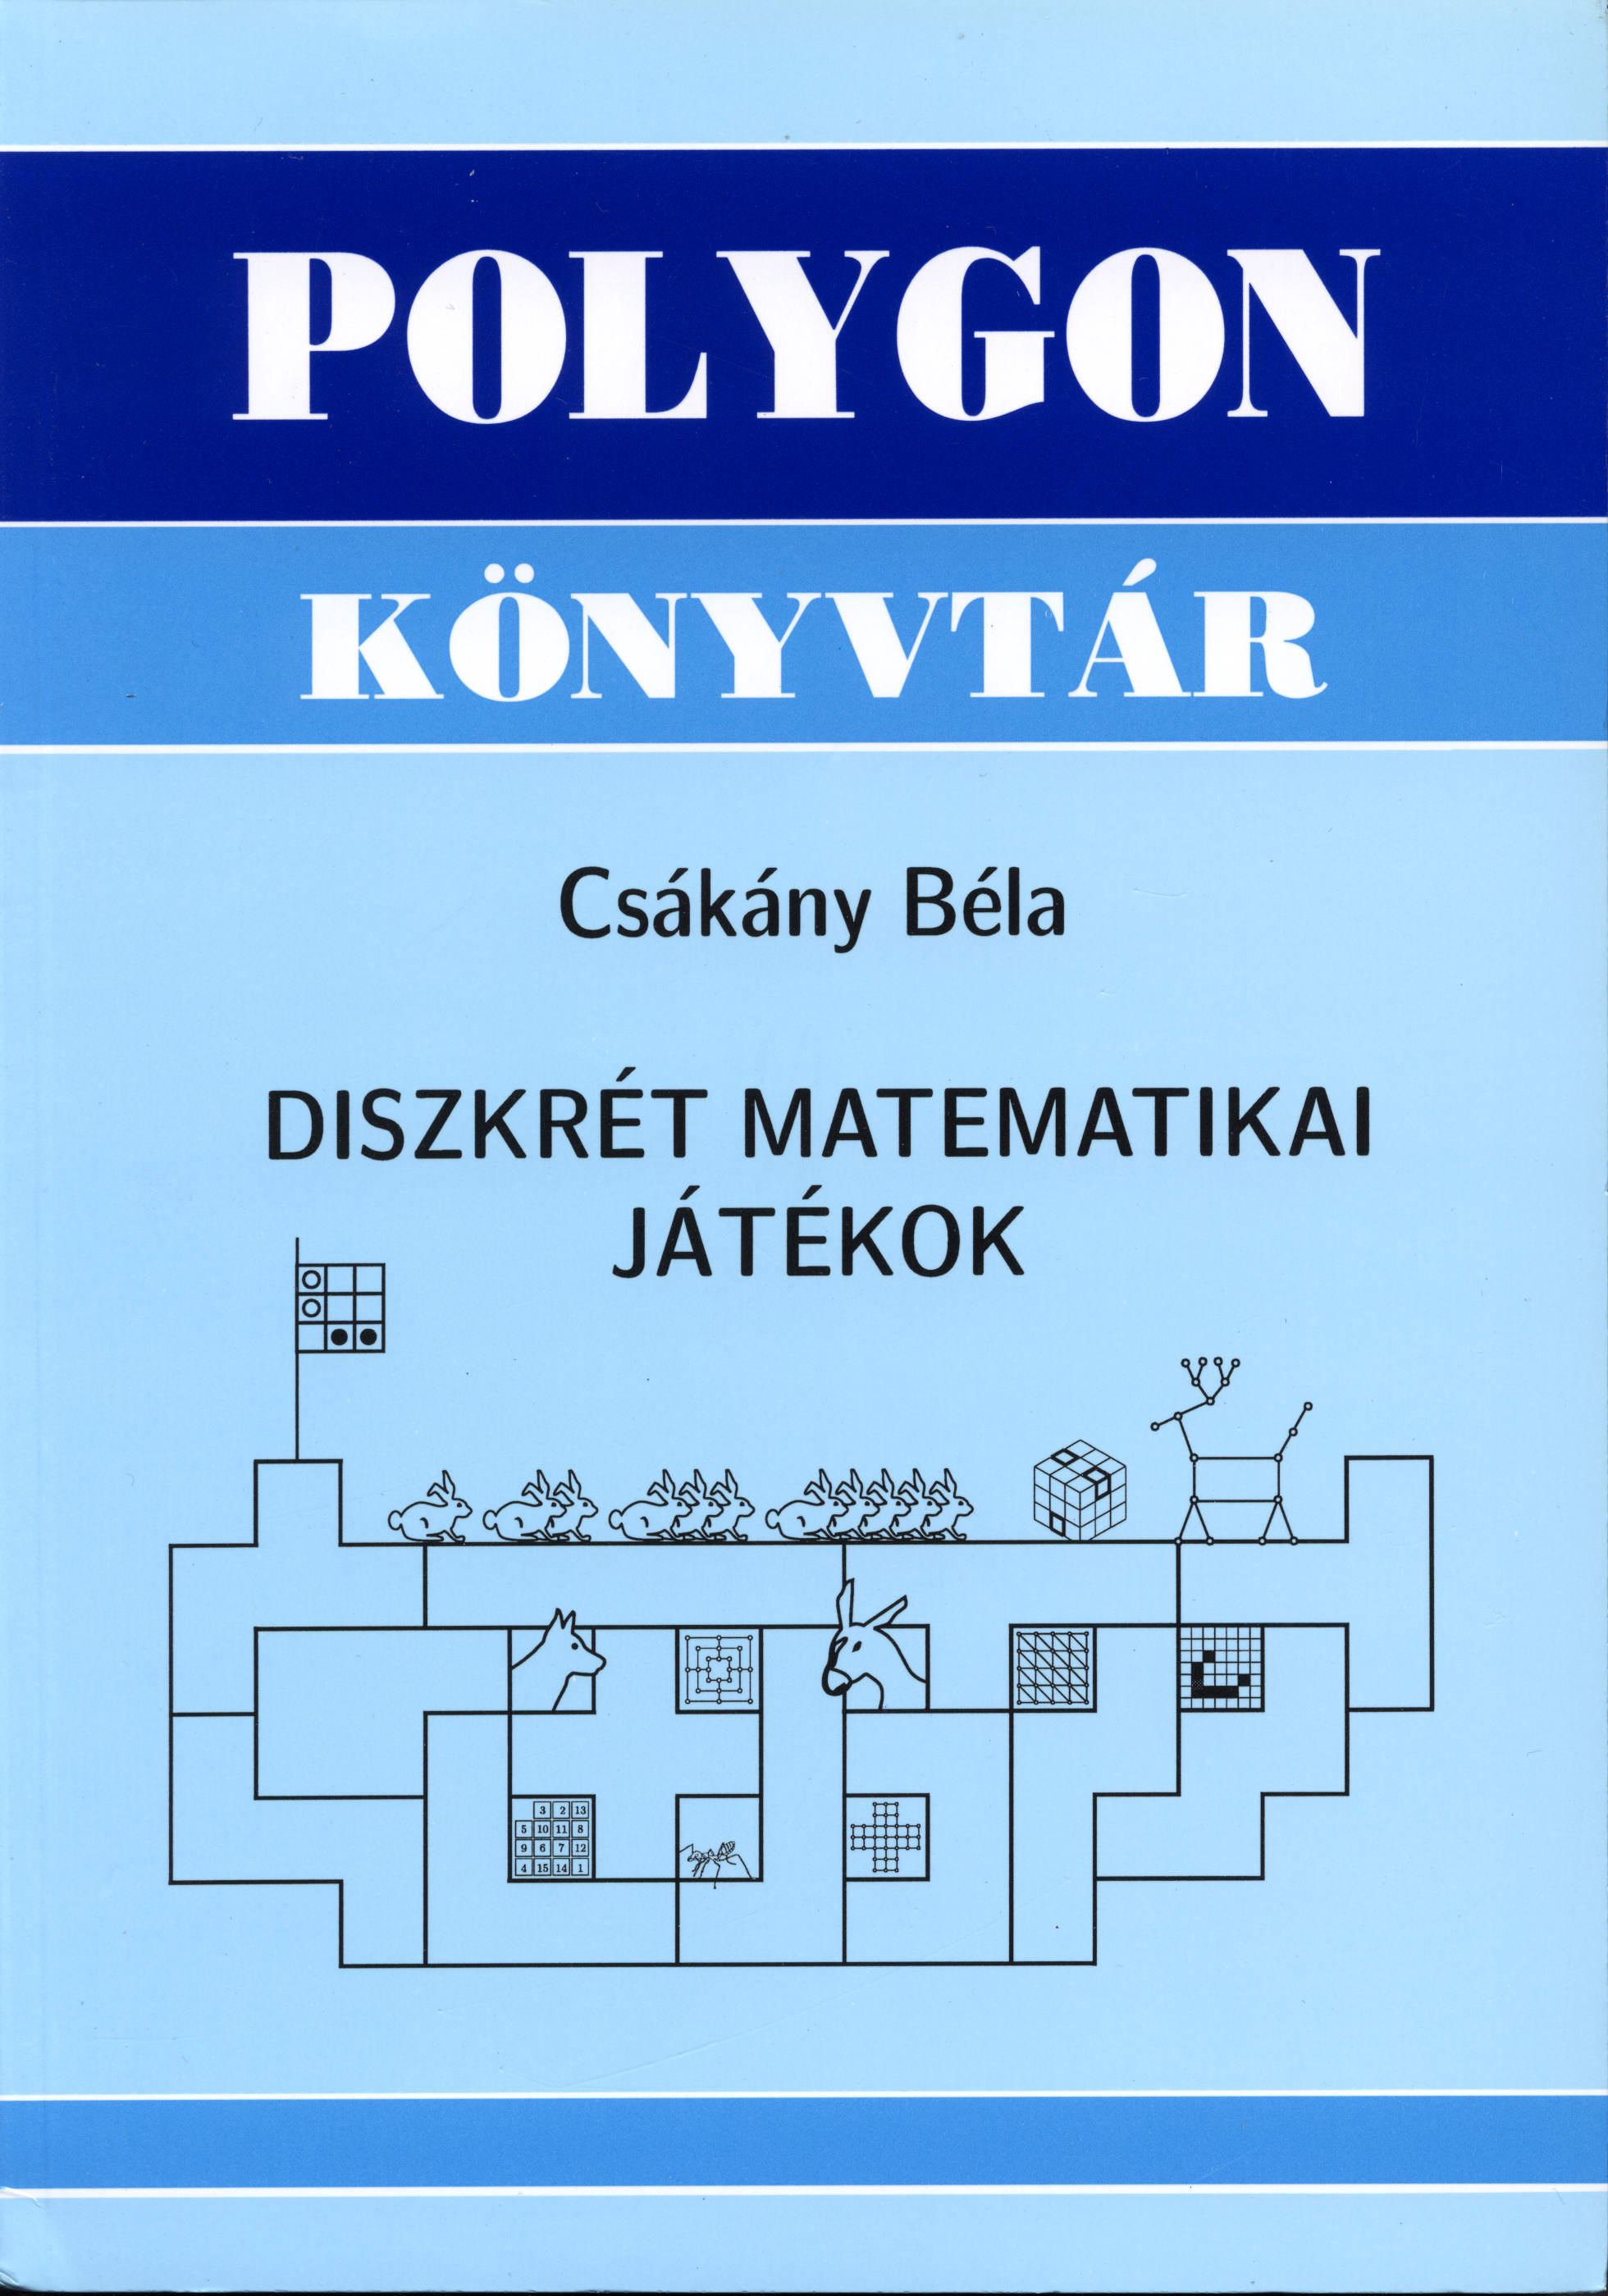 Diszkrét matematikai játékok - Polygon jegyzet